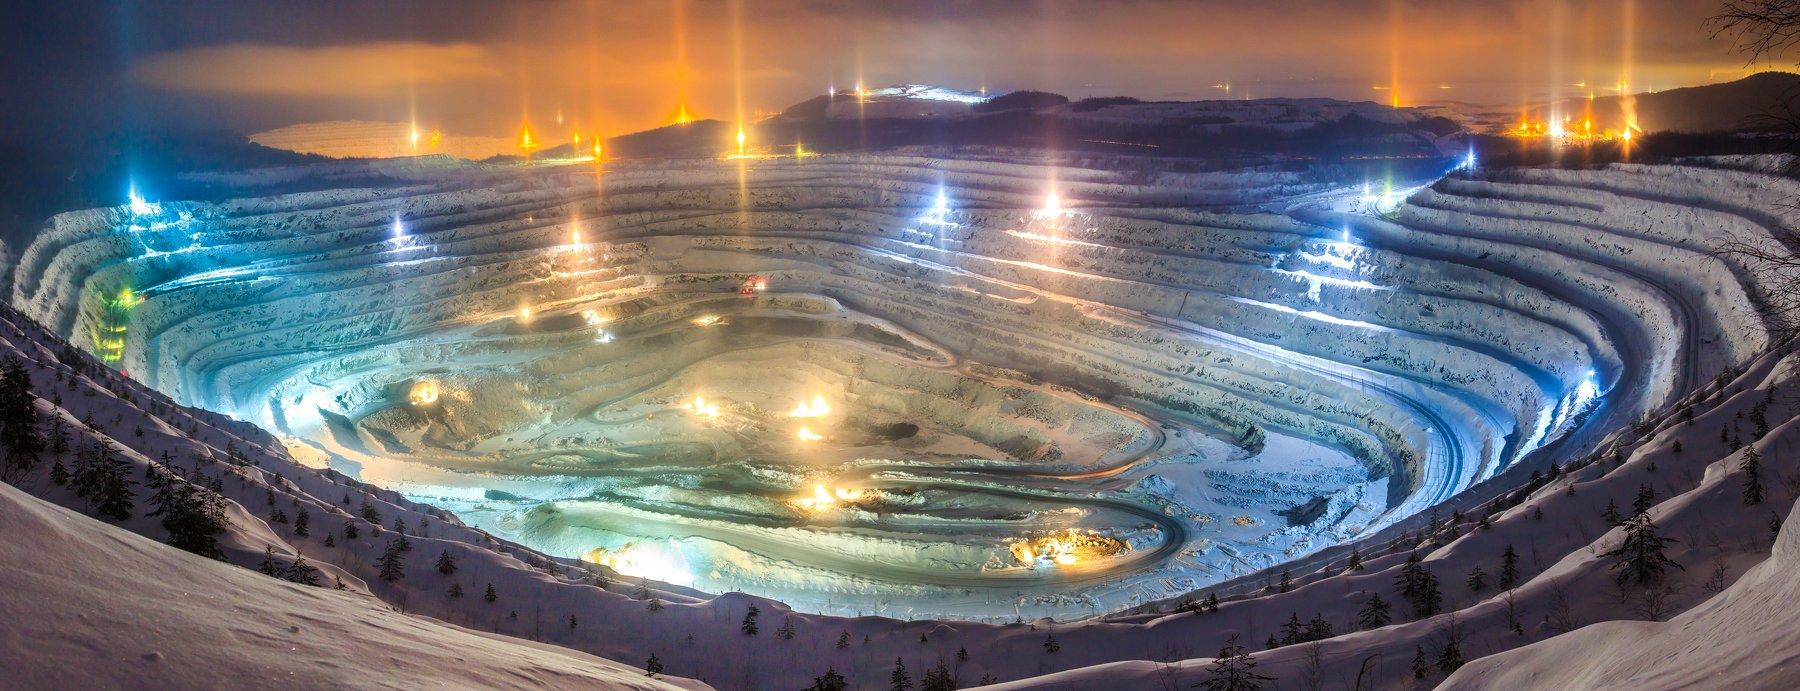 карьер, индастриал, ночной свет, гок, руда, разработка, зима, промышленность, евраз, индустрия, металлургия, производство, белаз, урал, качканар, Sergey Garifullin